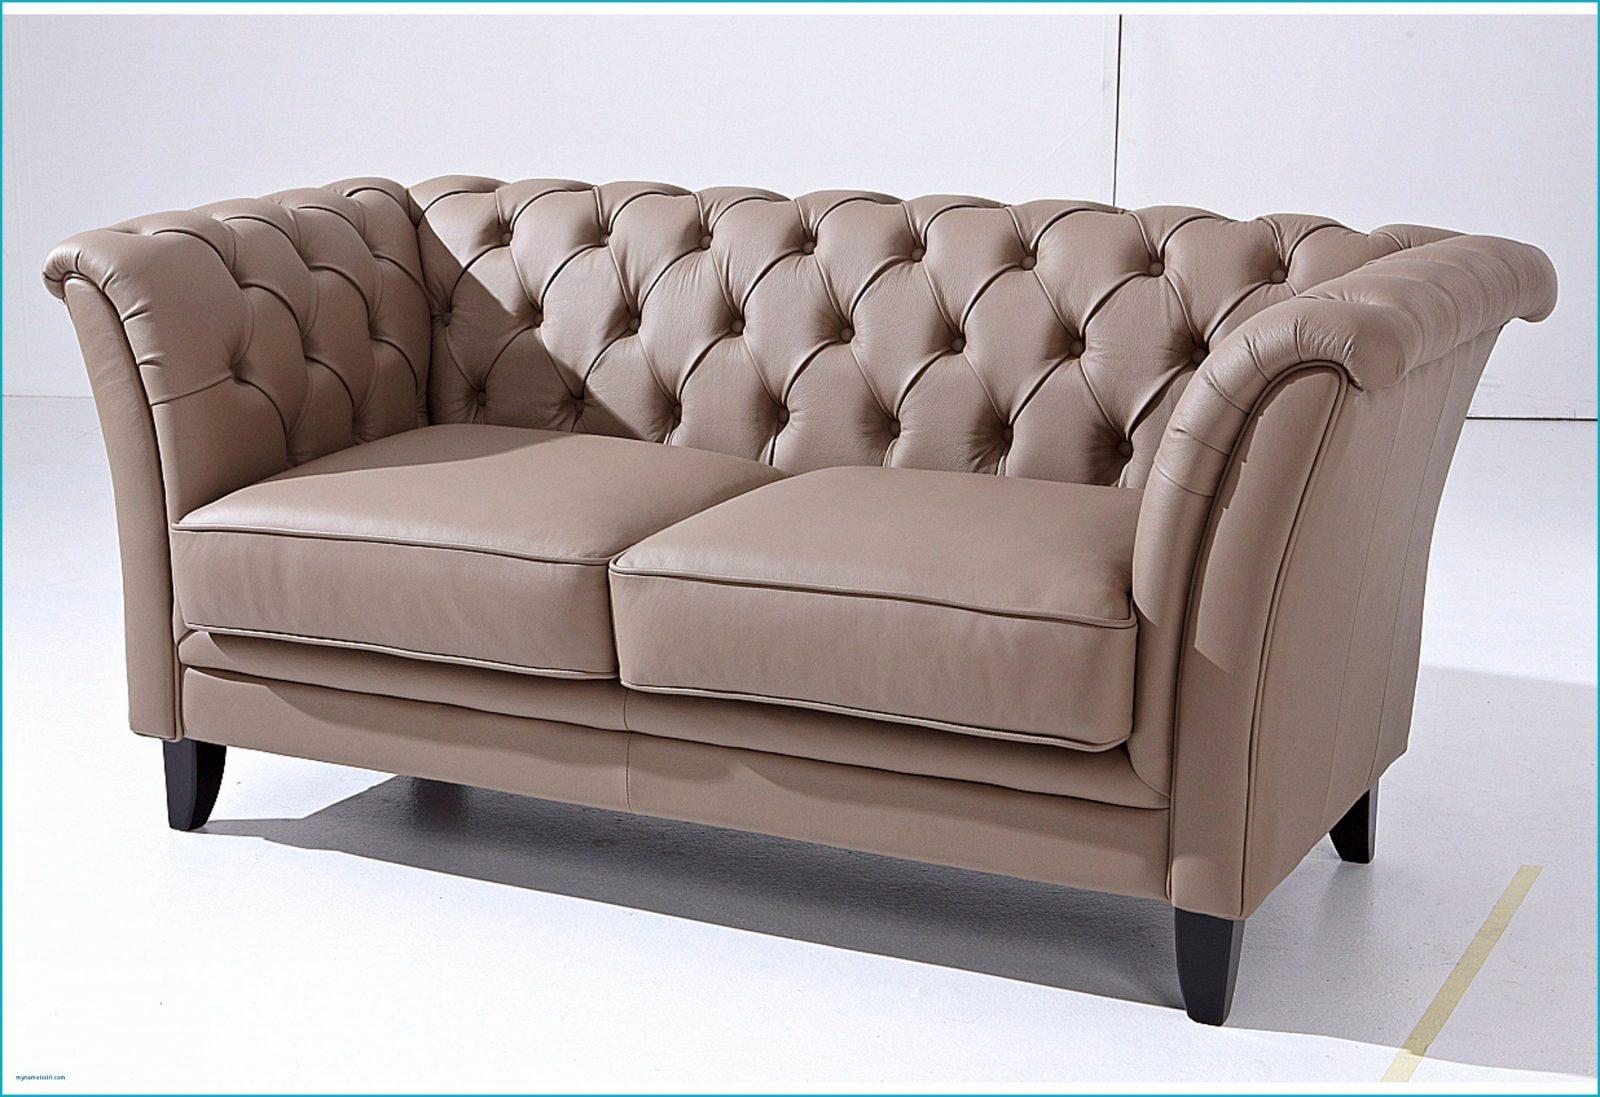 Couch Auf Raten Trotz Schufa Schön 33 Genial Sofa Auf Rechnung von Sofa Auf Raten Trotz Schufa Bild